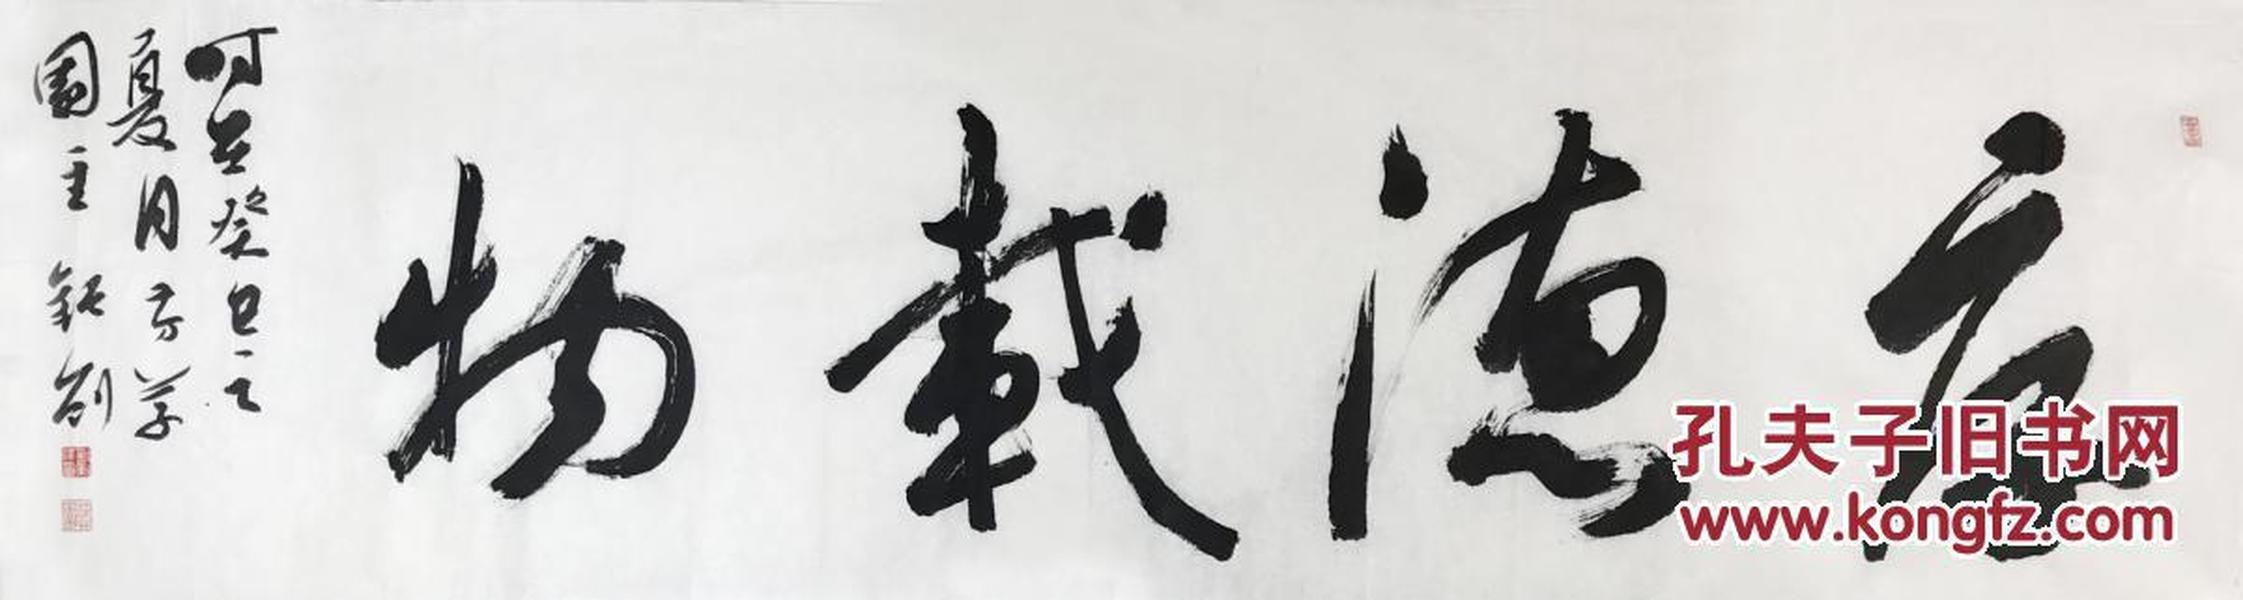 【字畫真跡】中國楹聯學會會員、南陽市書協理事、內鄉縣書協副主席兼秘書長、內鄉書法藝術館館長——劉新澤書法六尺橫幅 《厚德載物》(45×180CM)